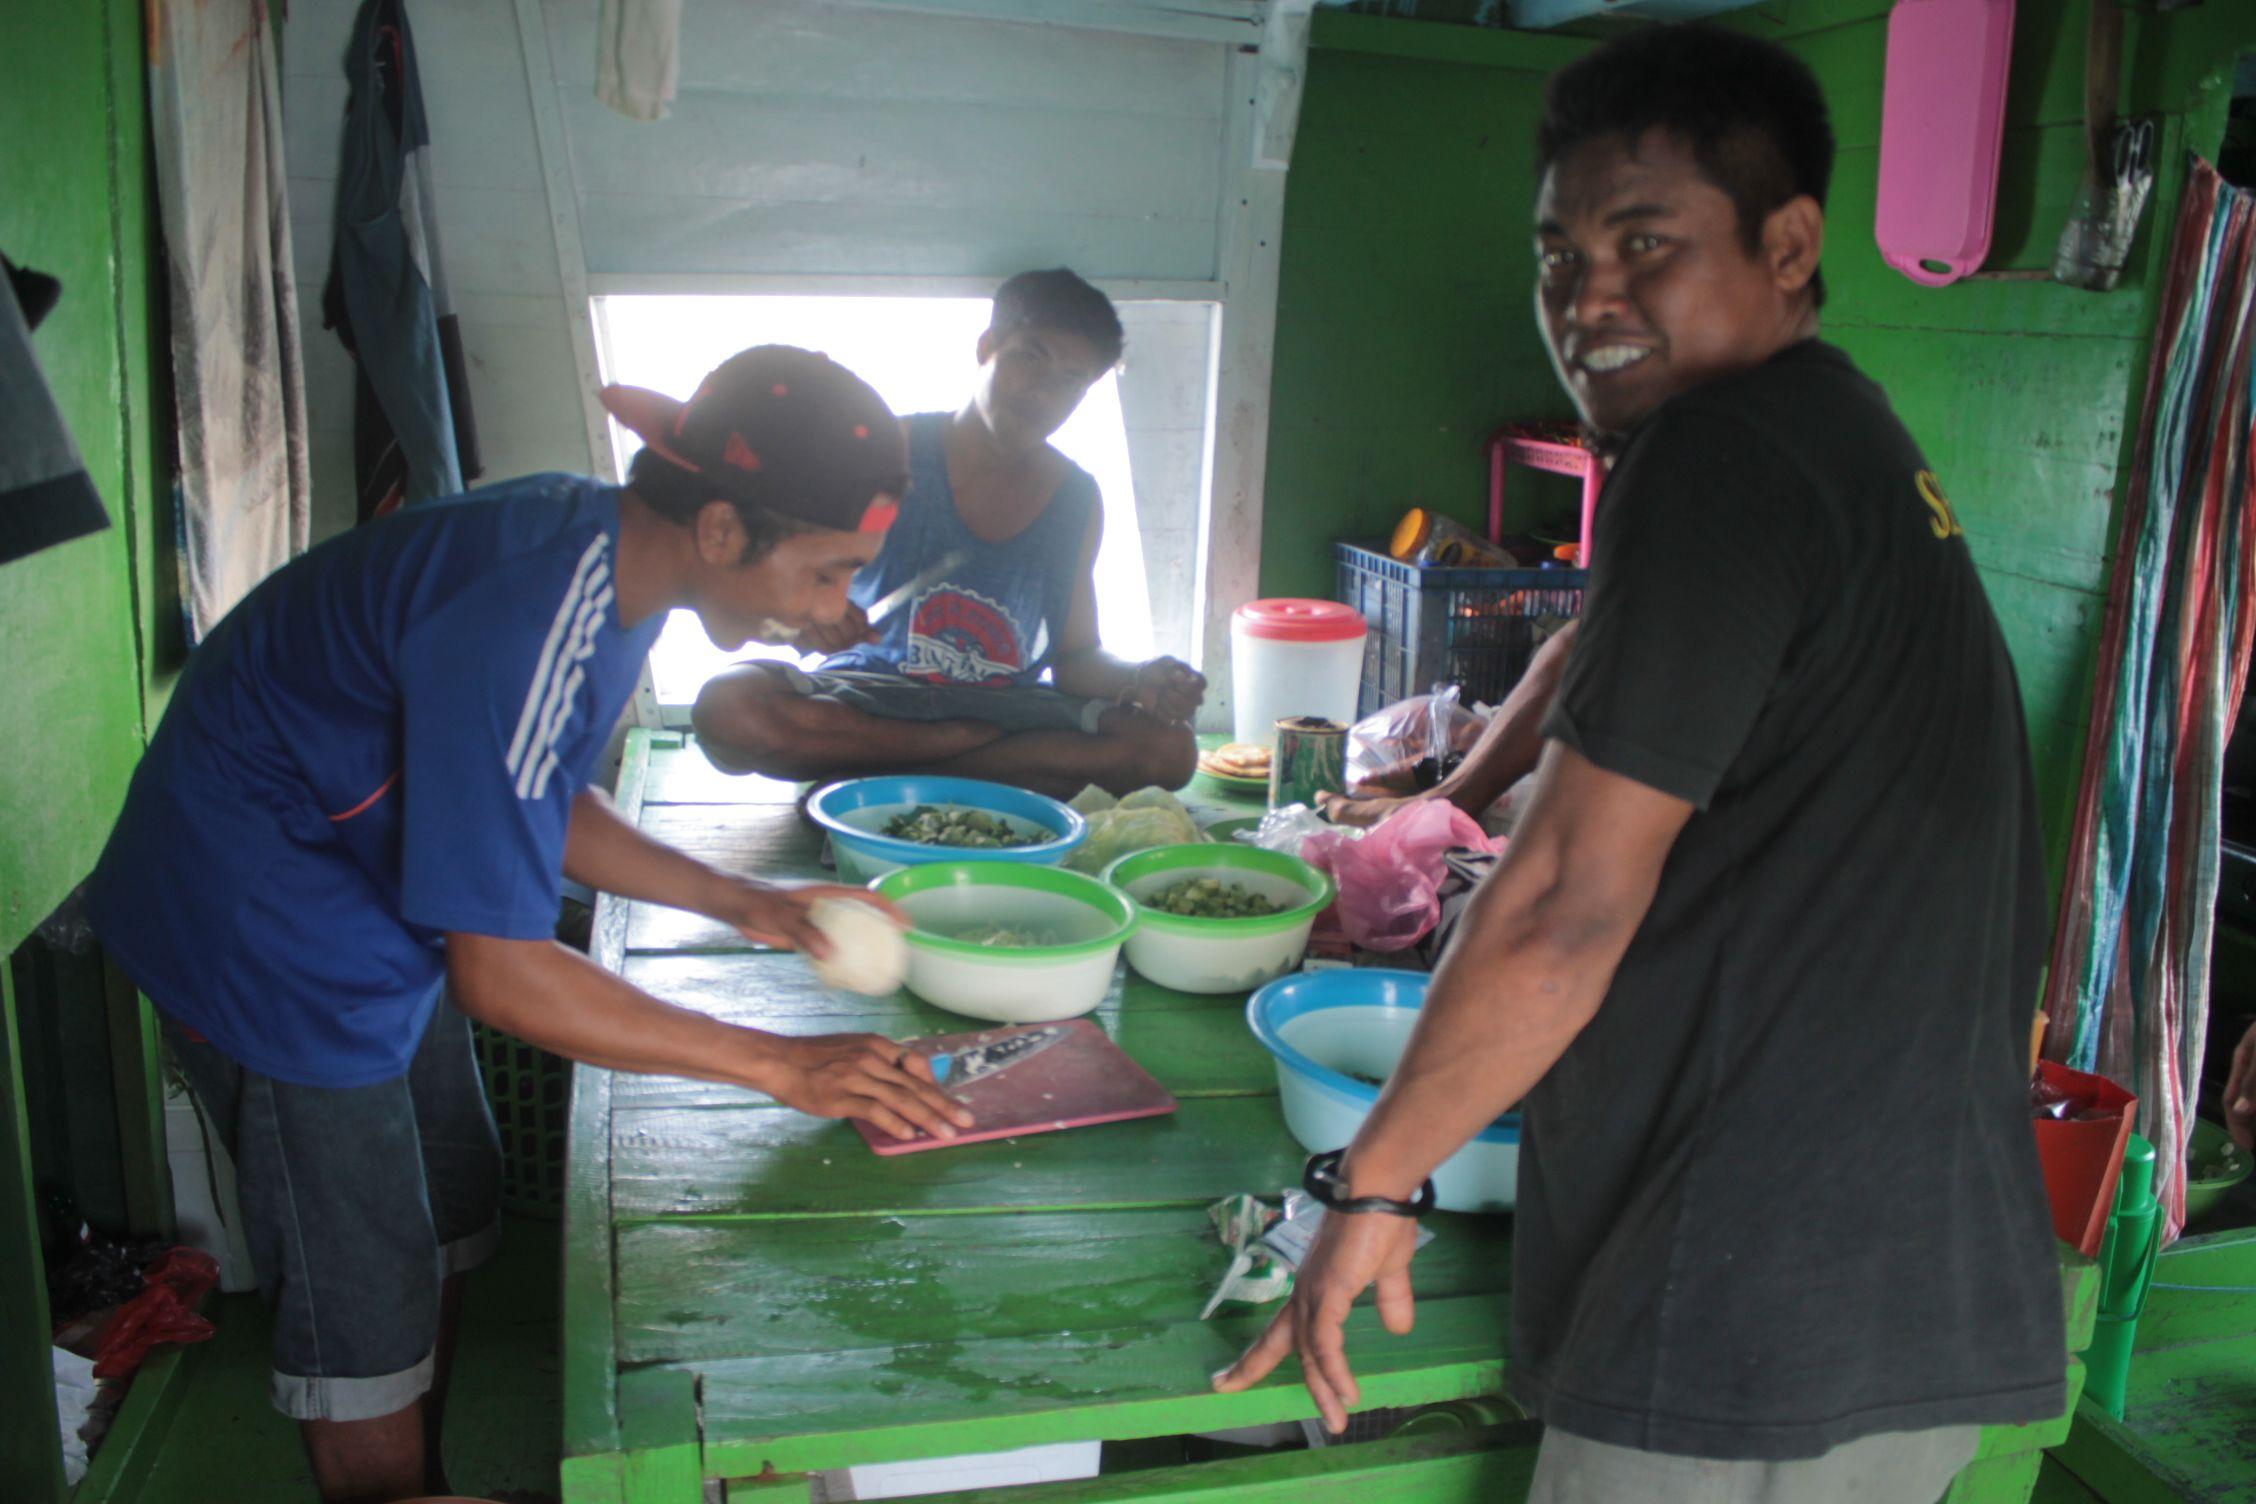 La tirpulación preparando la comida